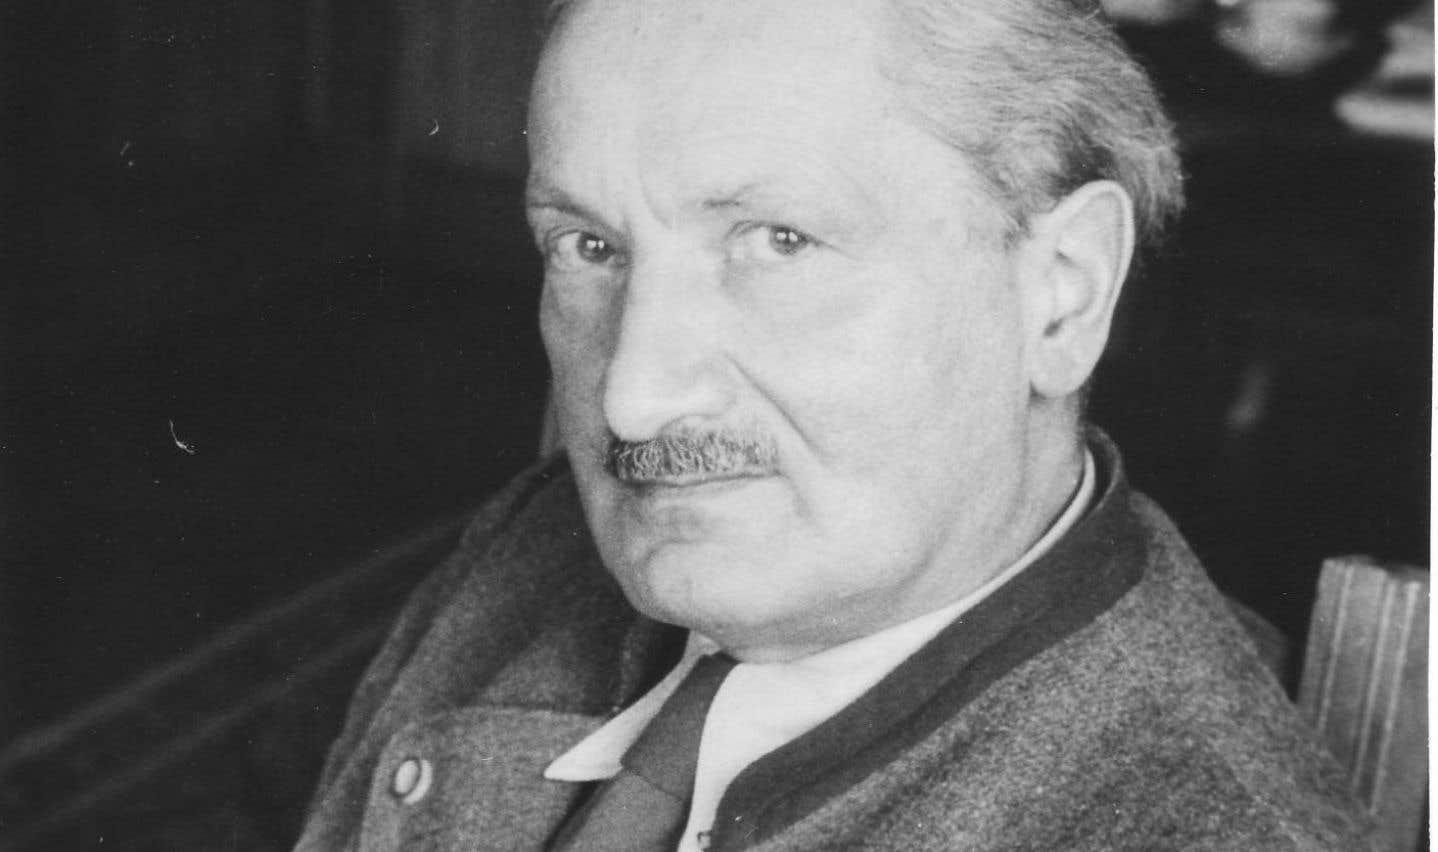 Plusieurs affirmations de Jean Grondin, qui minimisent l'adhésion de Heidegger à l'idéologie nazie, mériteraient d'être soumises à un examen critique, fait valoir Hélène Tissier.